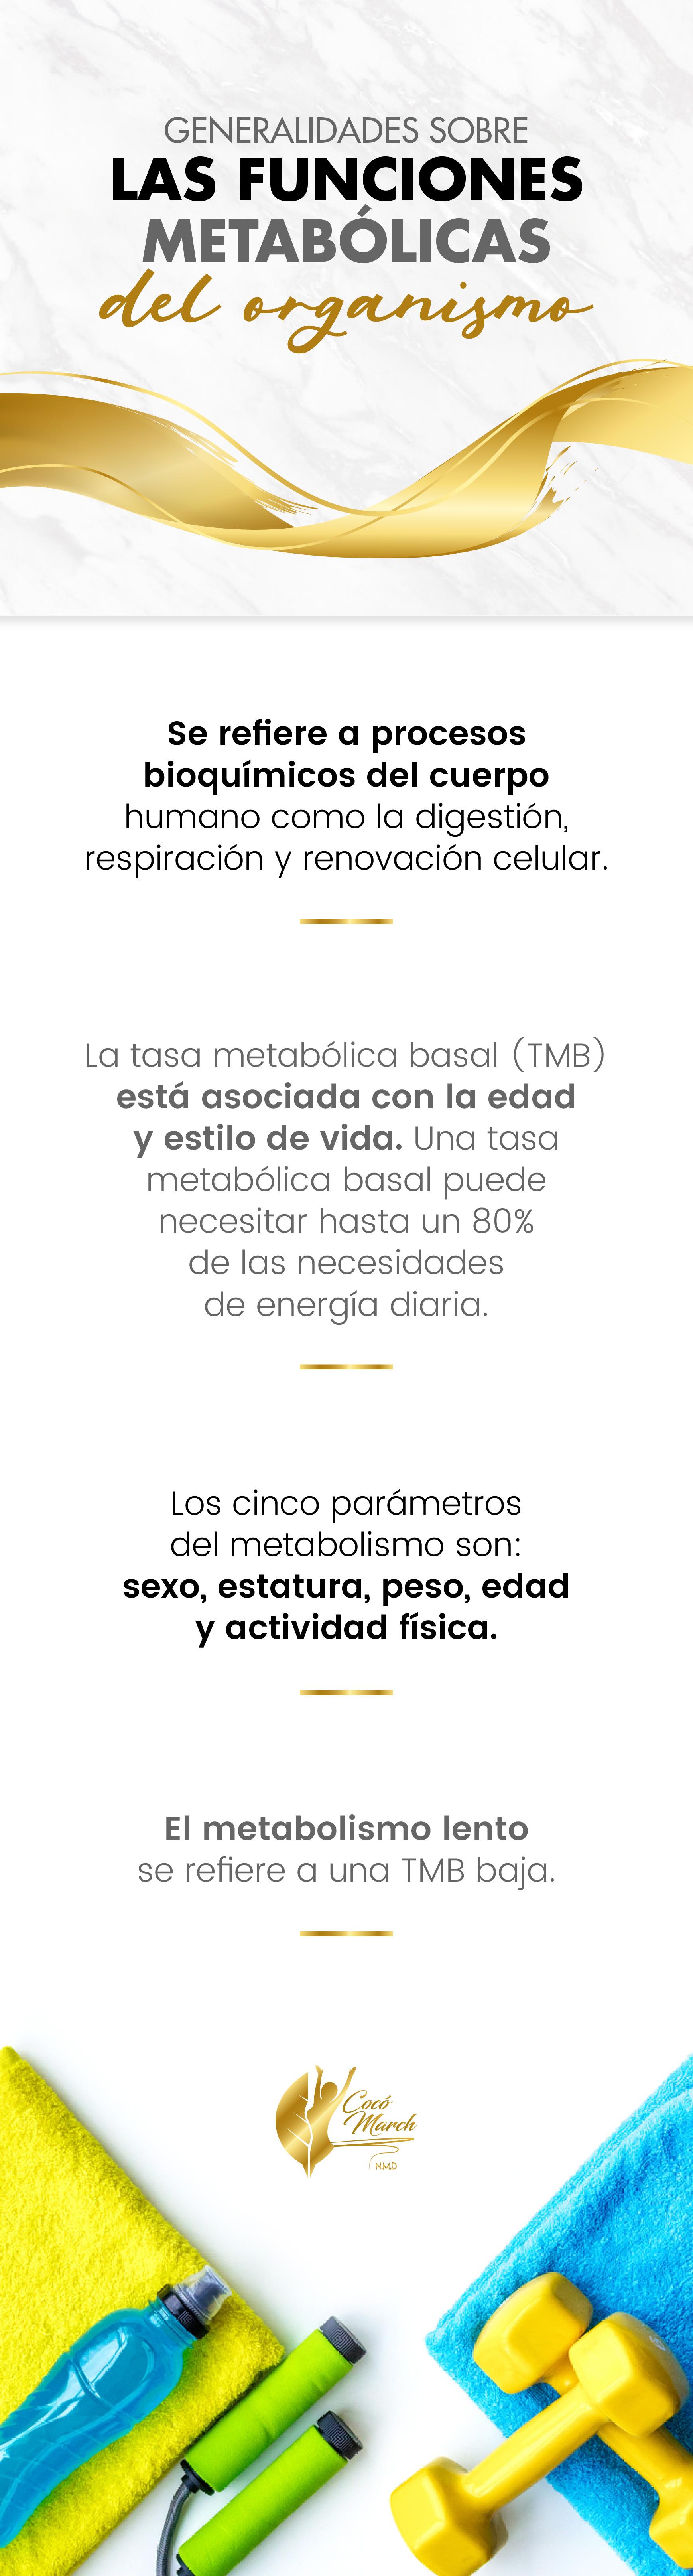 funciones-metabolicas-del-organismo